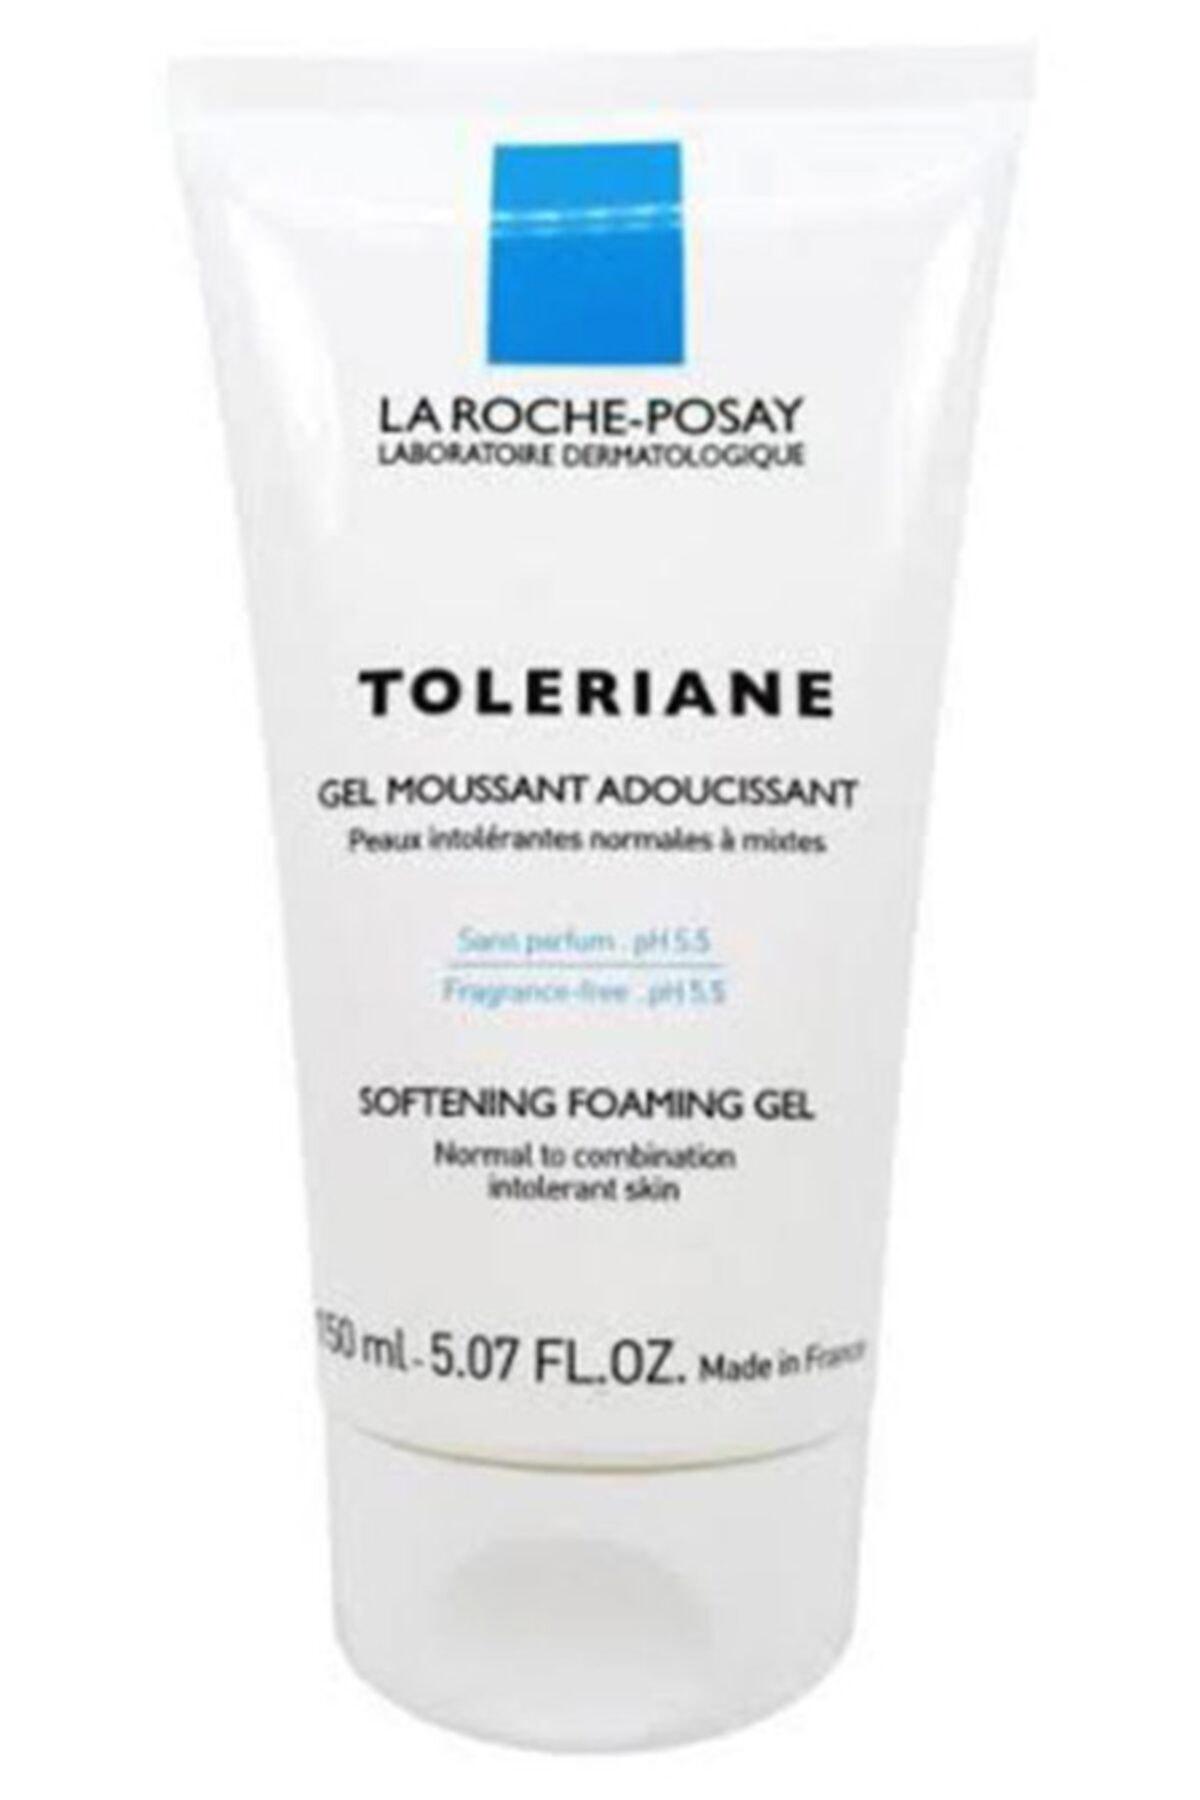 La Roche Posay La Roche-posay Toleriane Gel Mousse 150ml 1